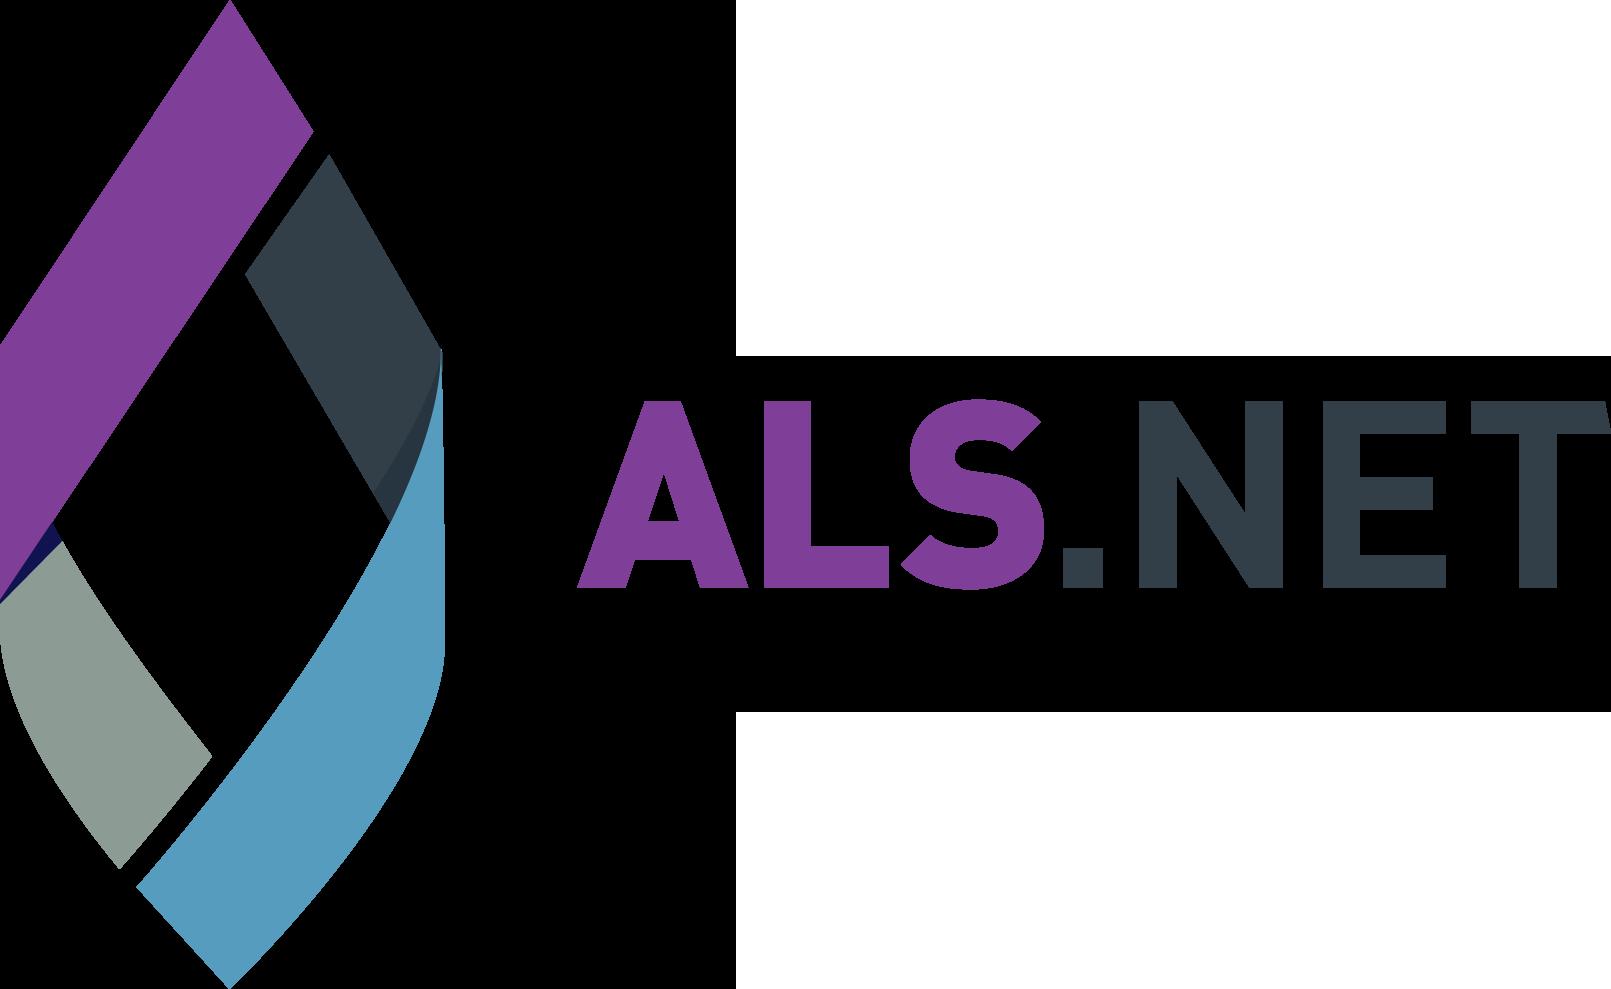 ALS.net